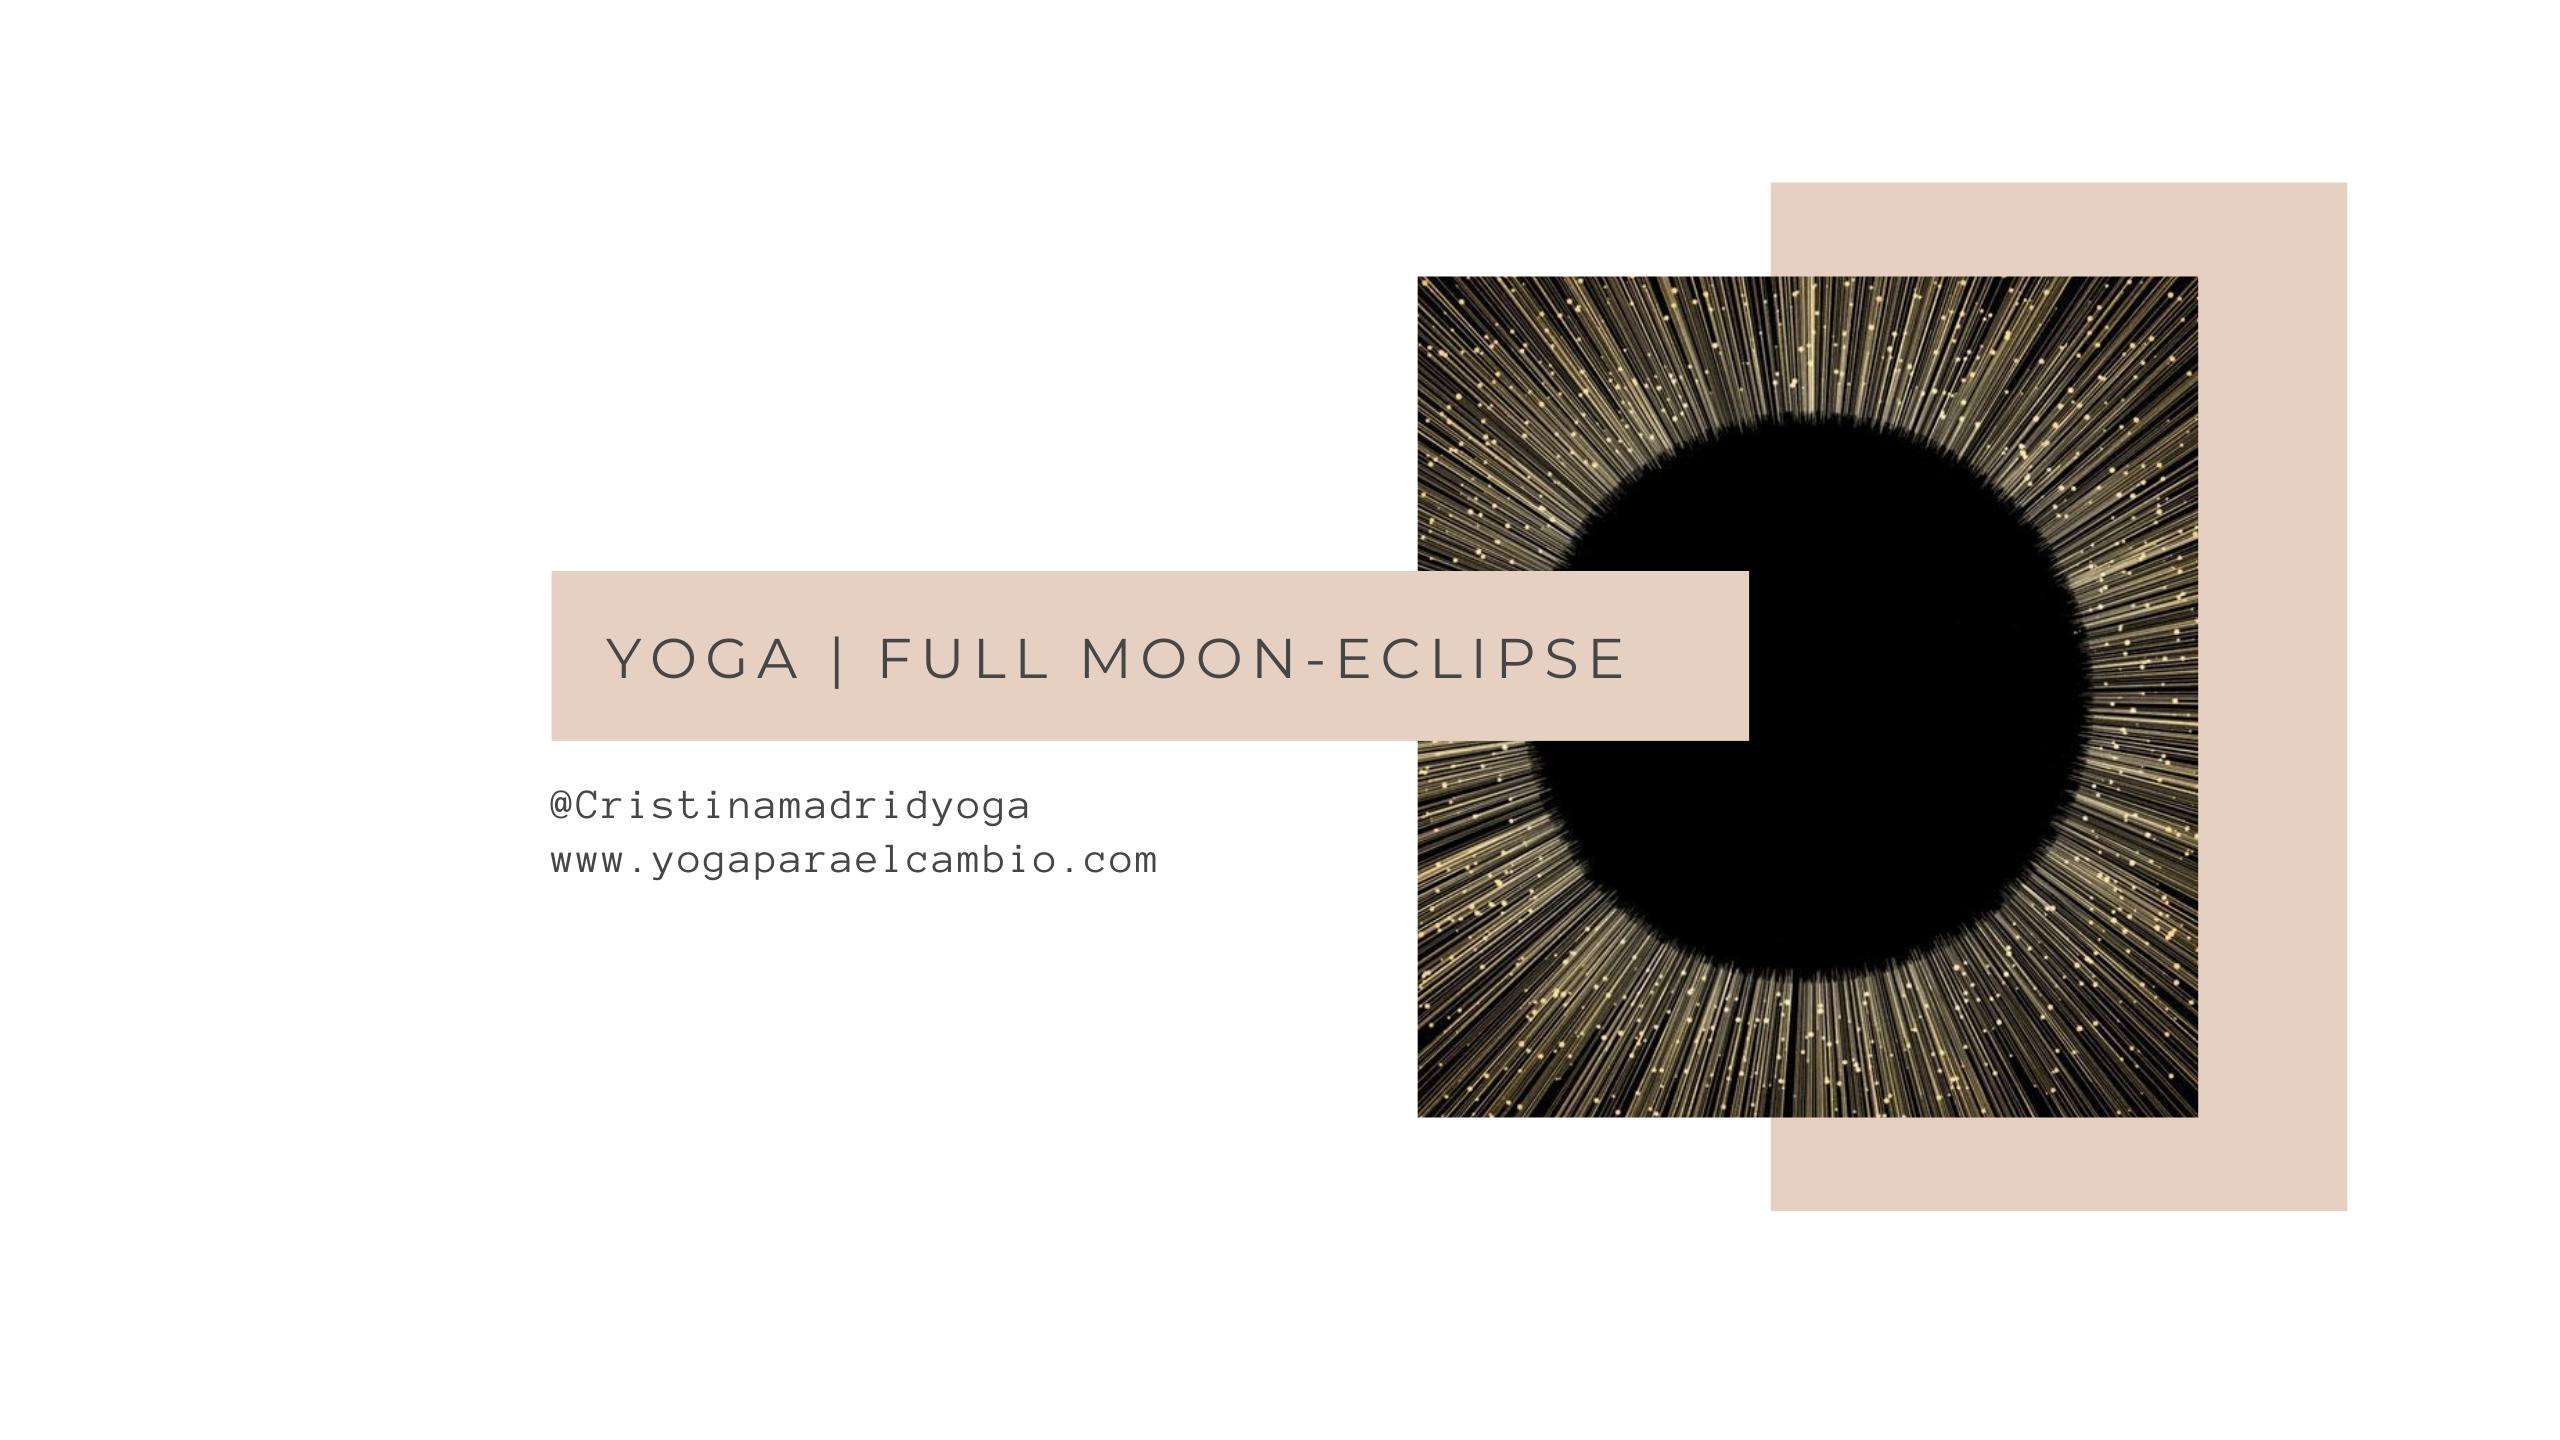 Yoga luna llena eclipse